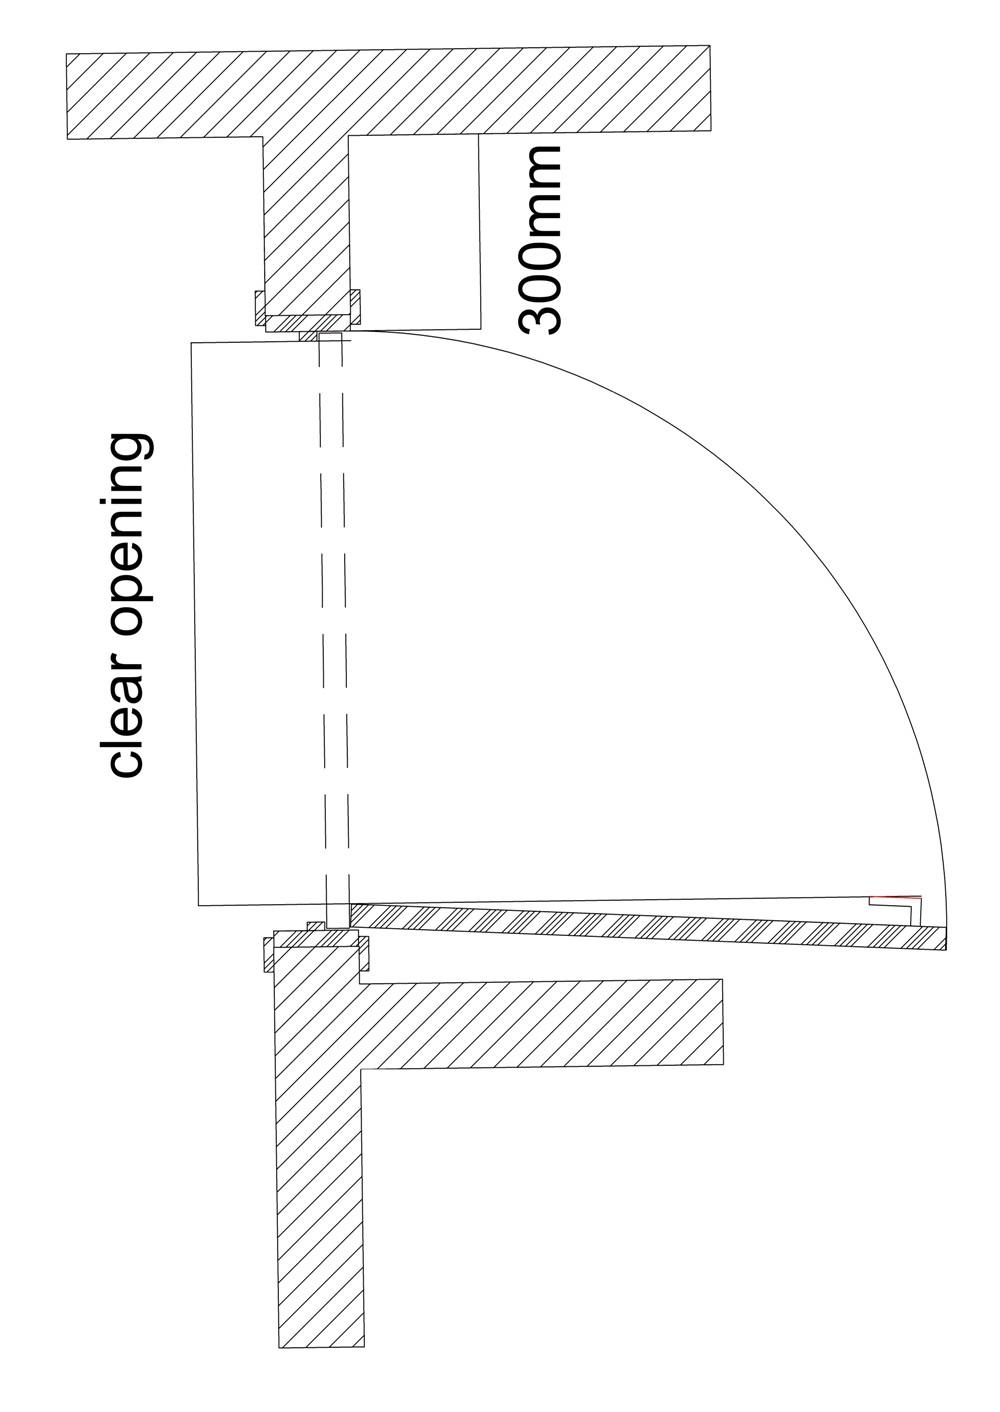 Door Clear Opening Width Designing Buildings Wiki